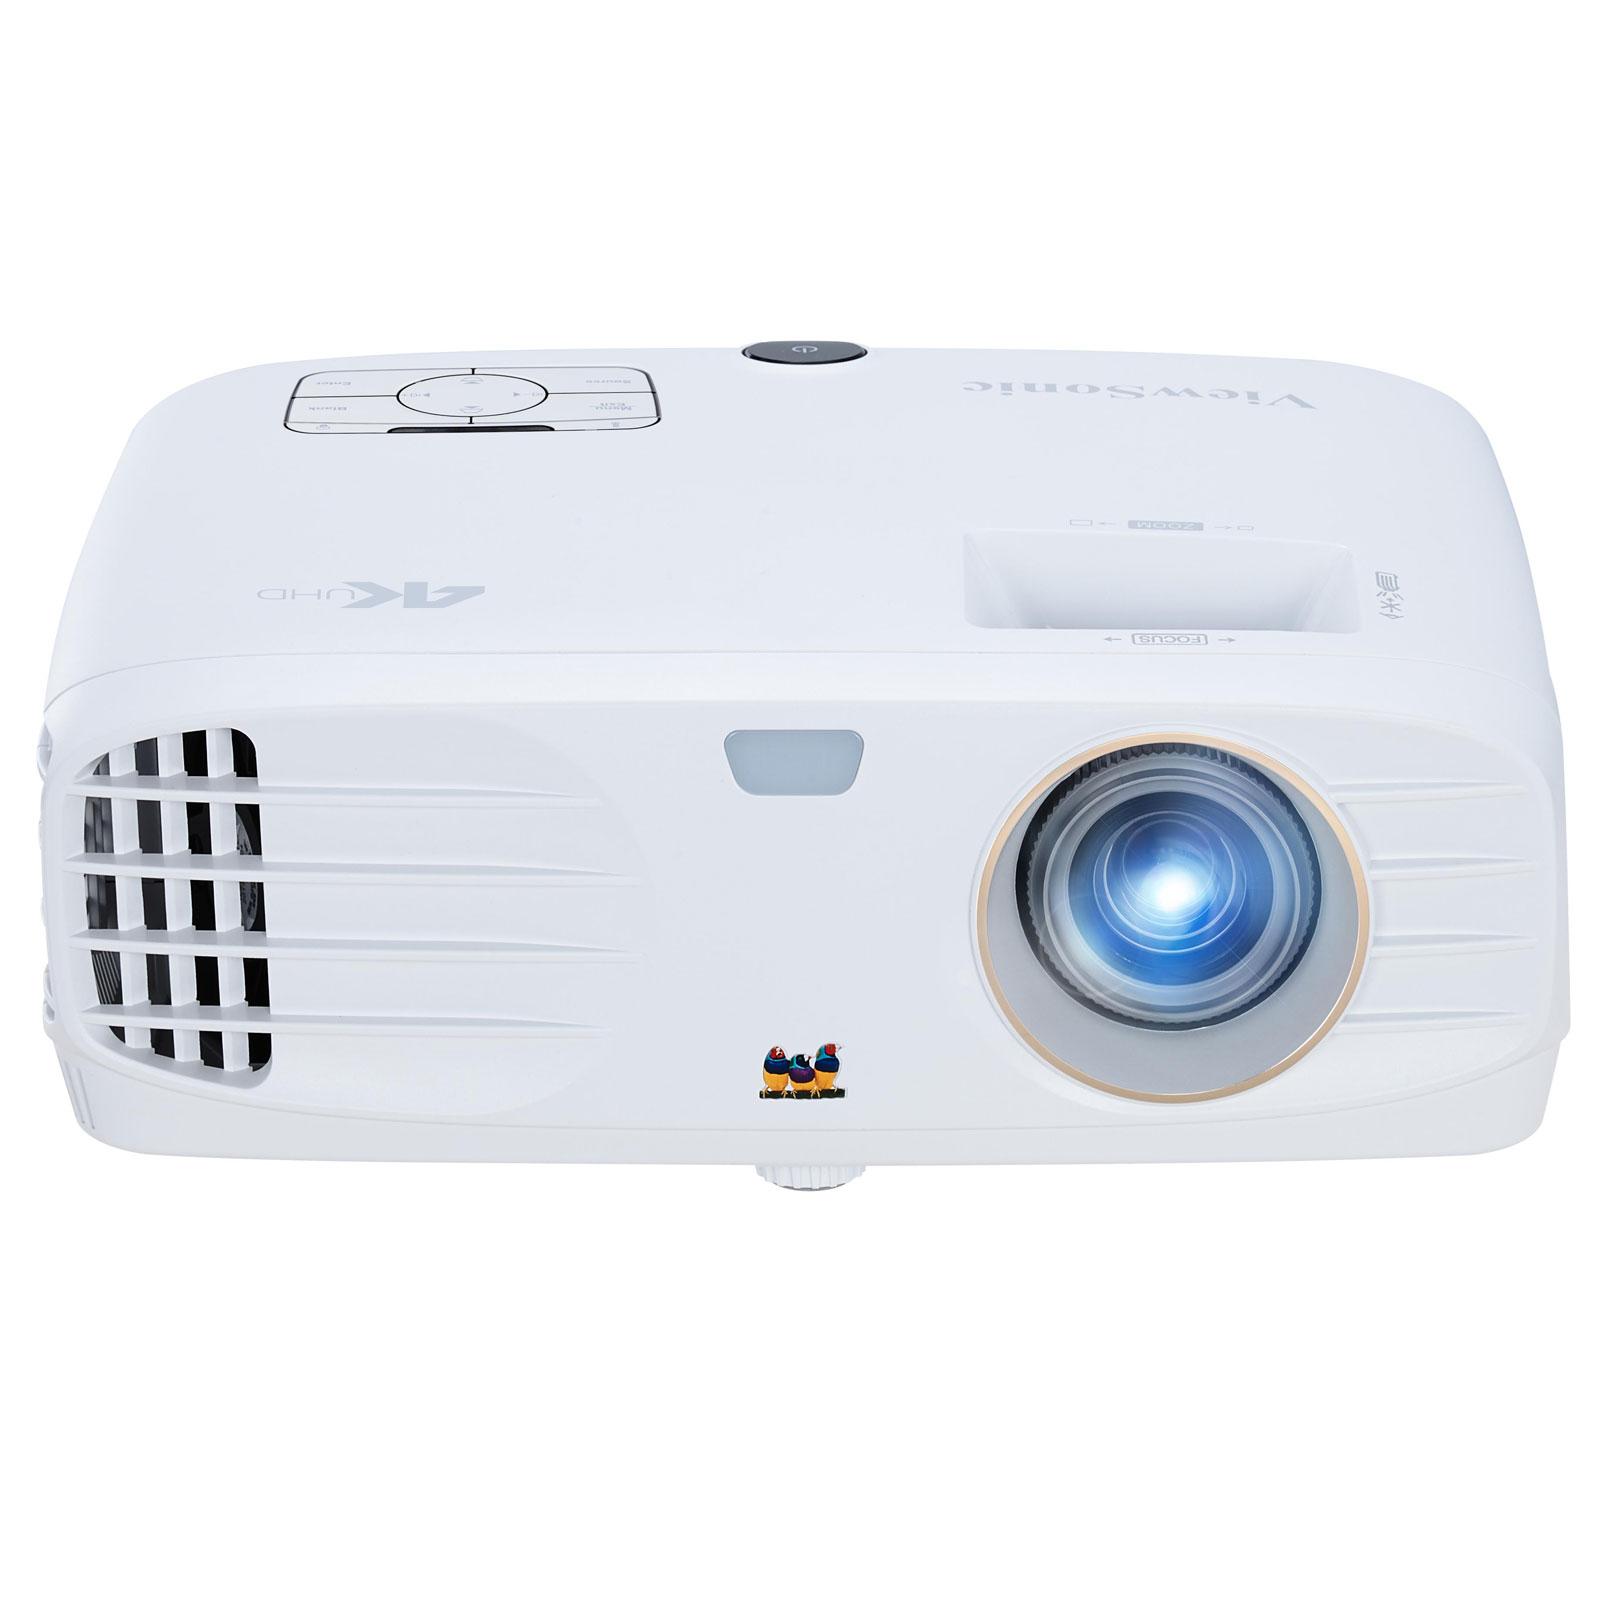 Vidéoprojecteur ViewSonic PX727-4K Vidéoprojecteur Home Cinema DLP 4K UHD HDR 2200 Lumens HDMI